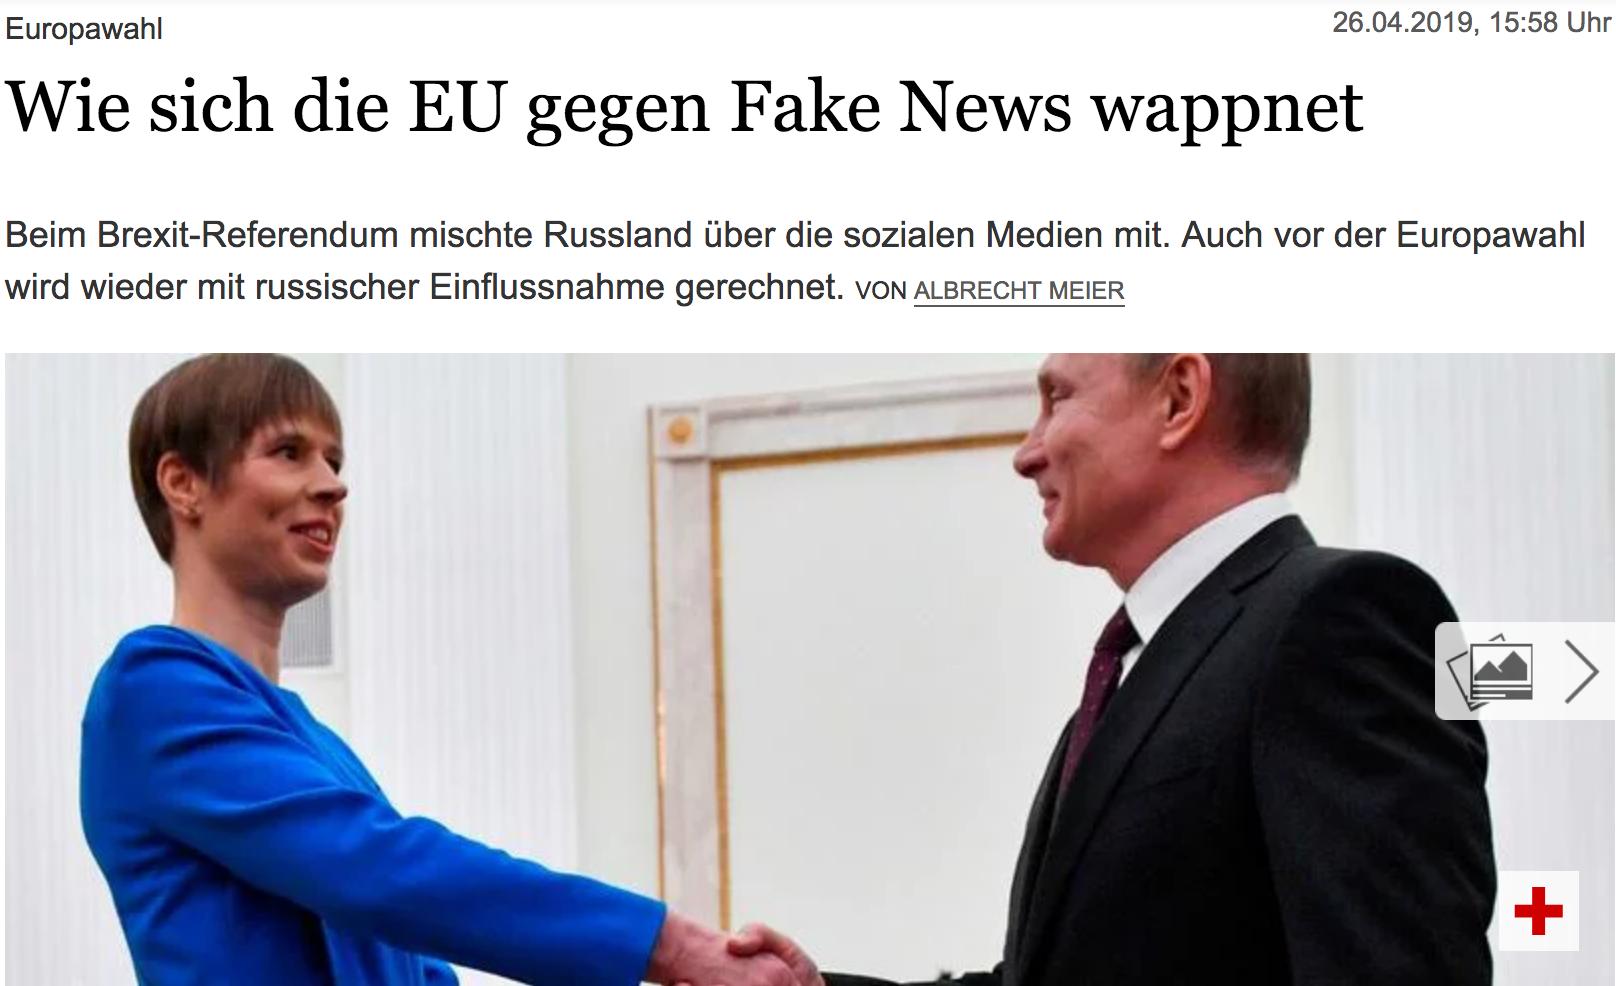 Der Tagesspiel: Wie sich die EU gegen Fake News wappnet